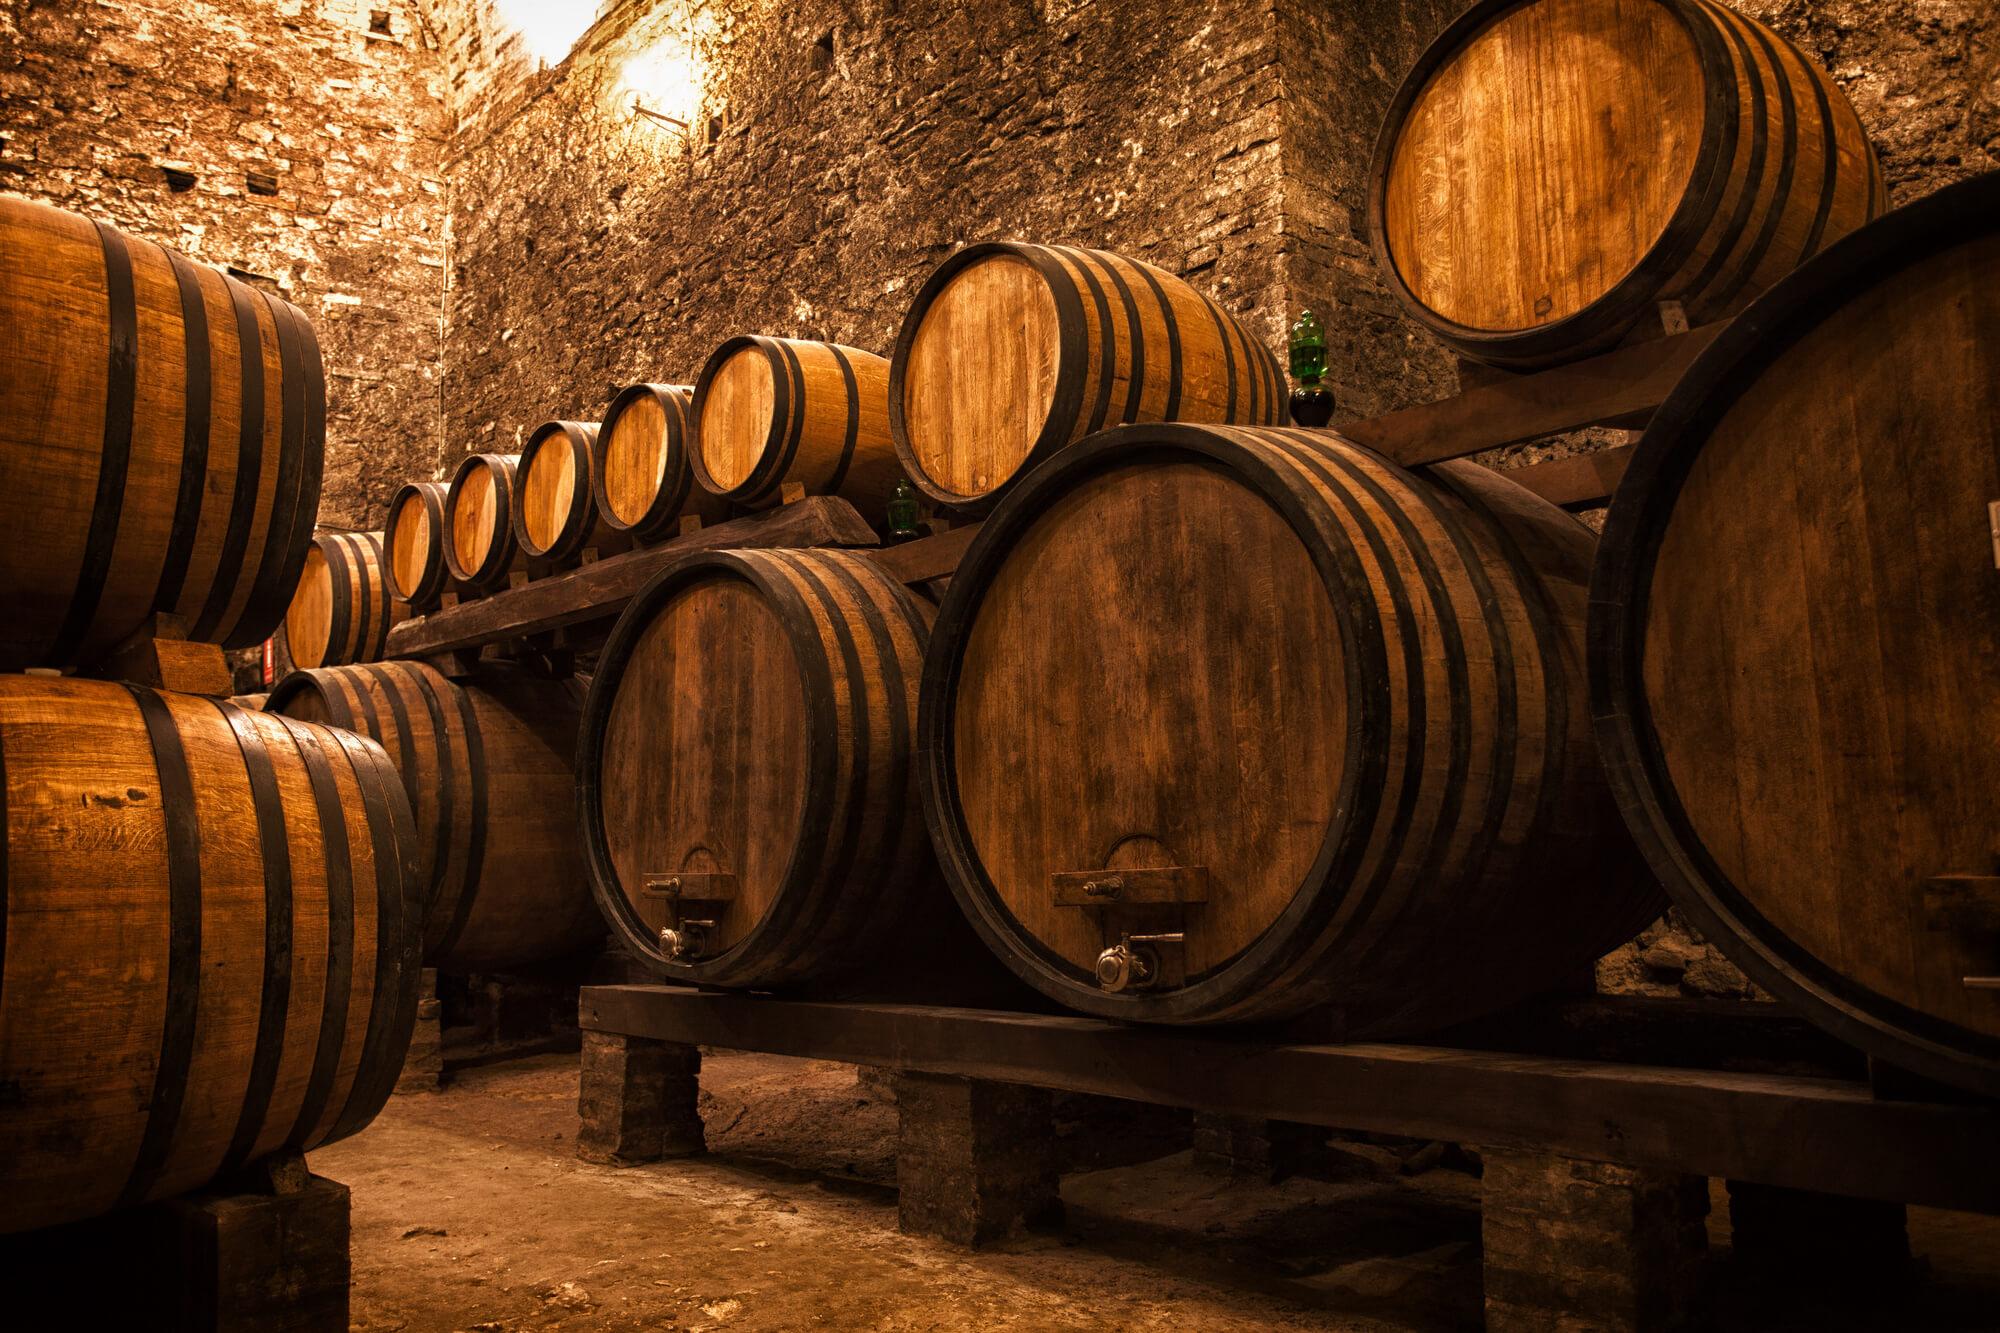 aging barrels